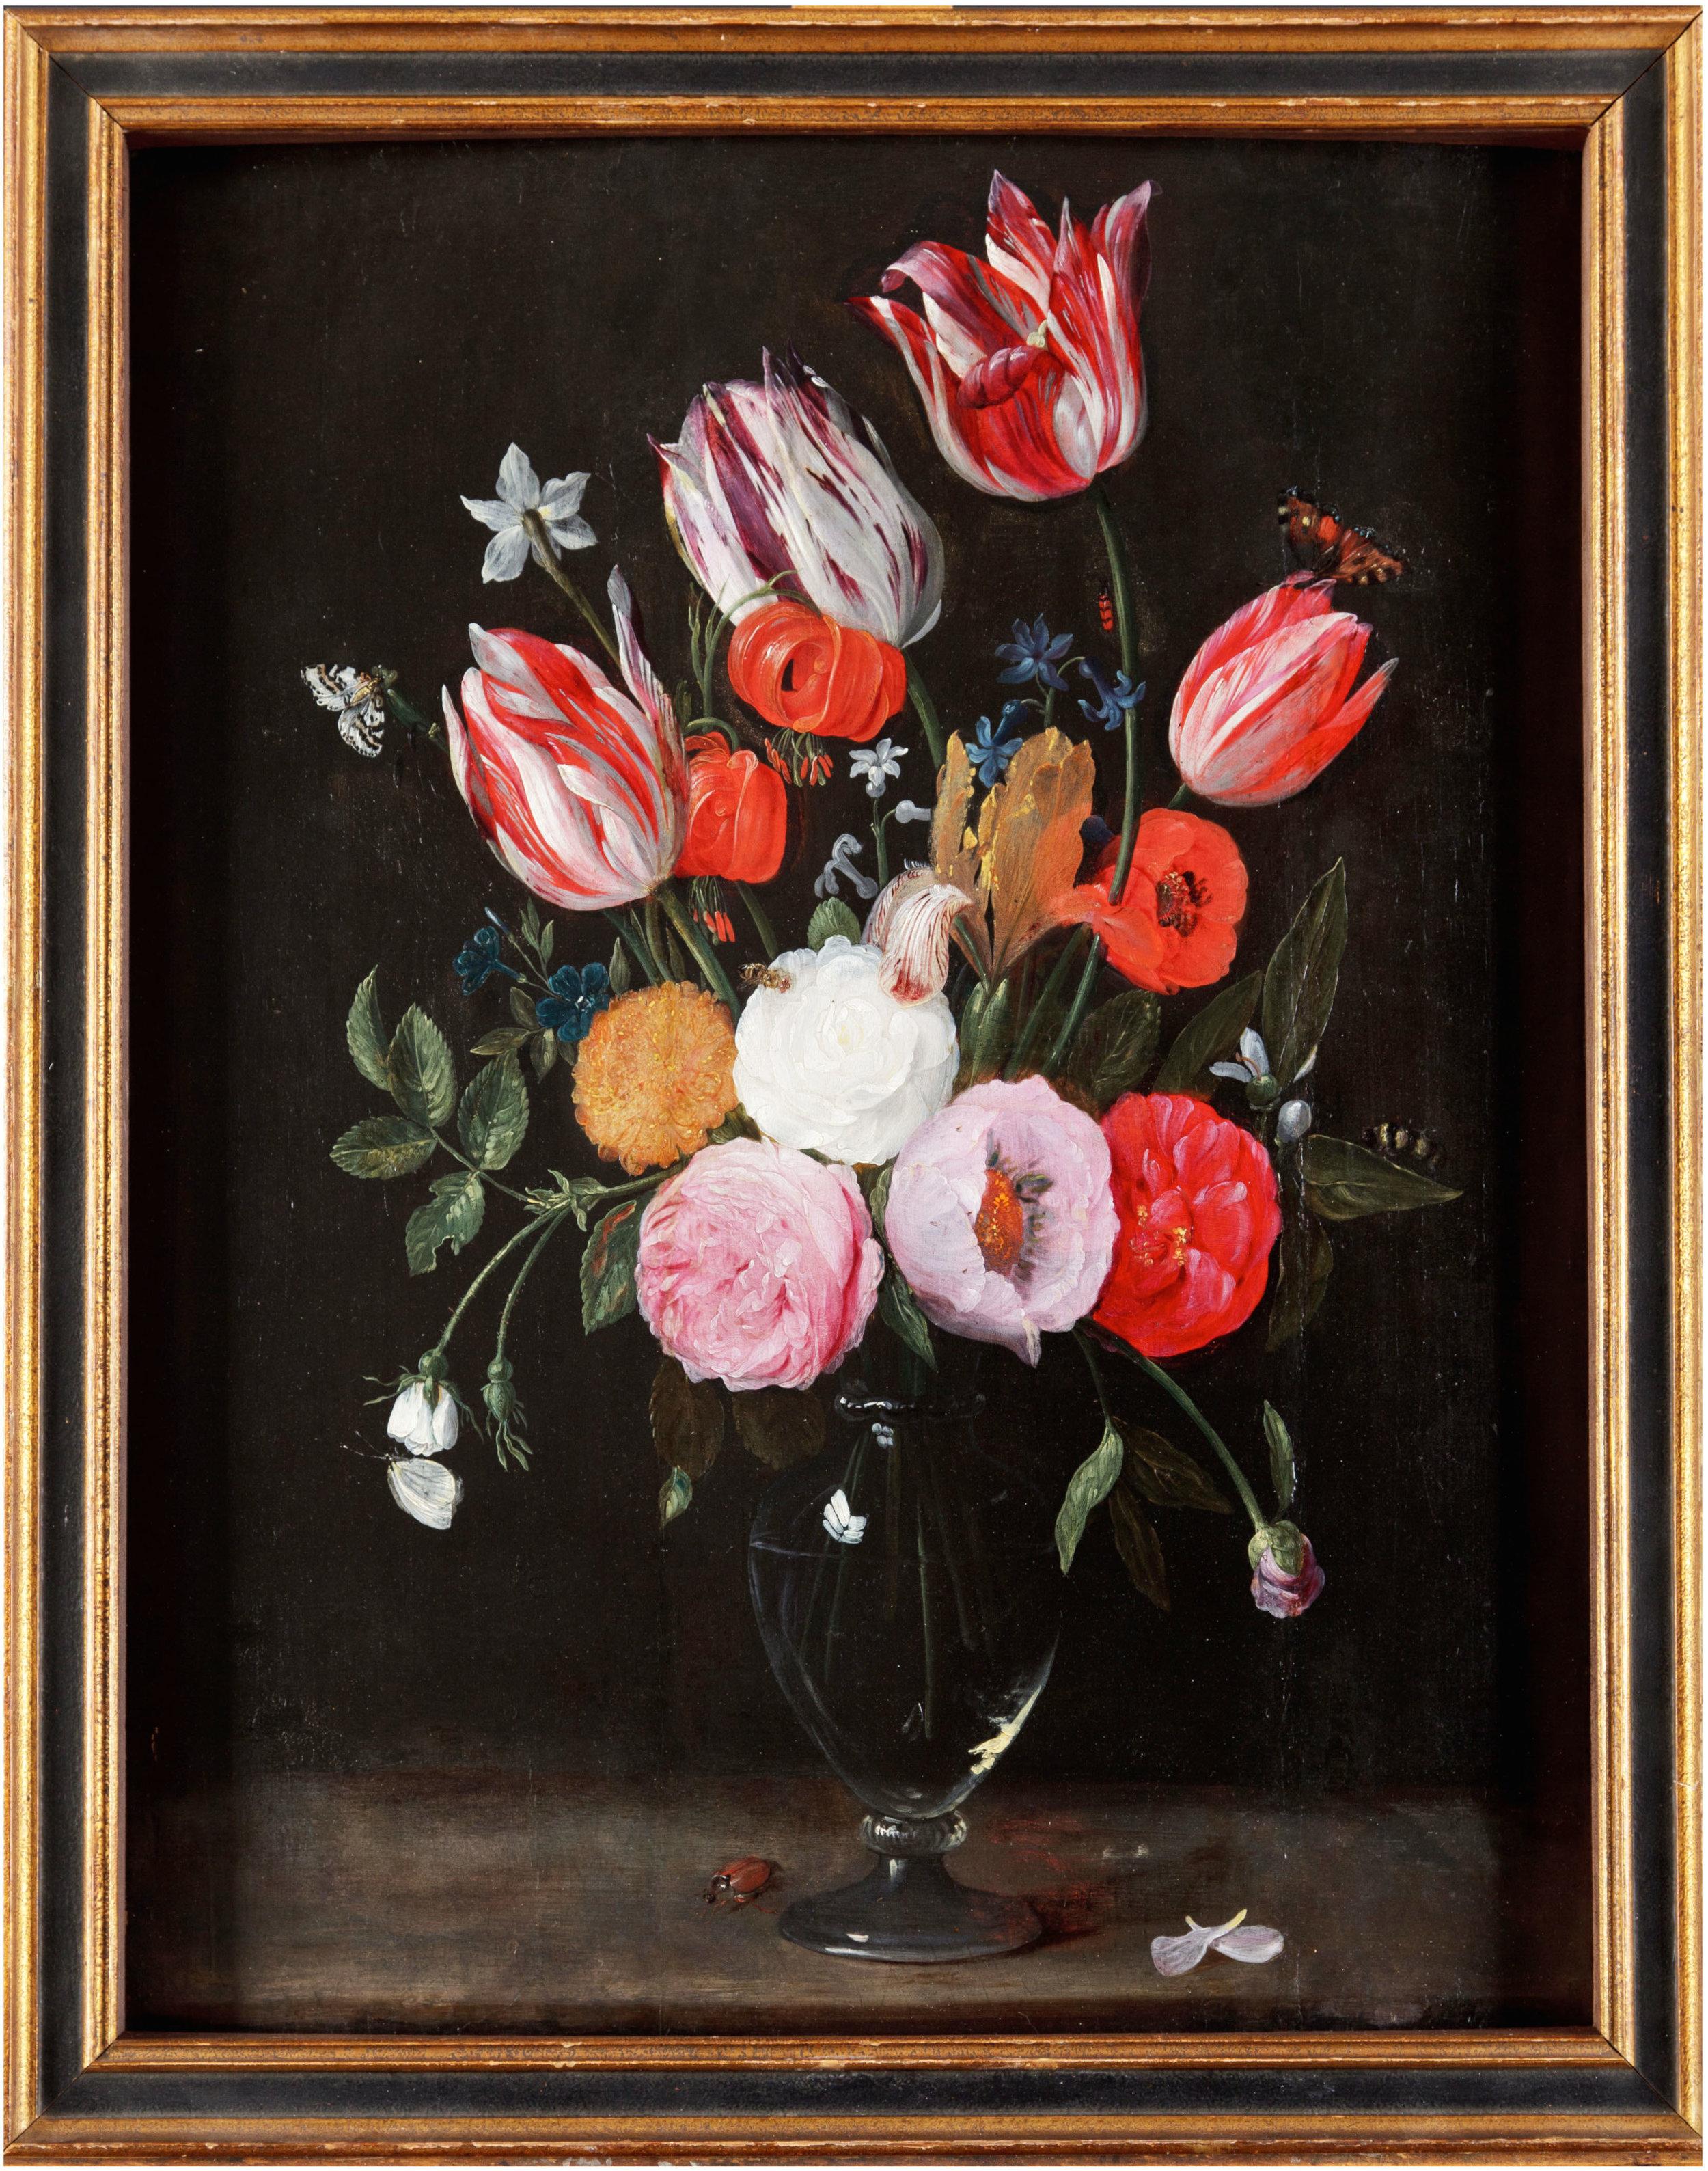 Peinture flamande XVIIe siècle.  Art ancien. Conservation et restauration de tableaux et peintures sur toile, Bruxelles.jpg